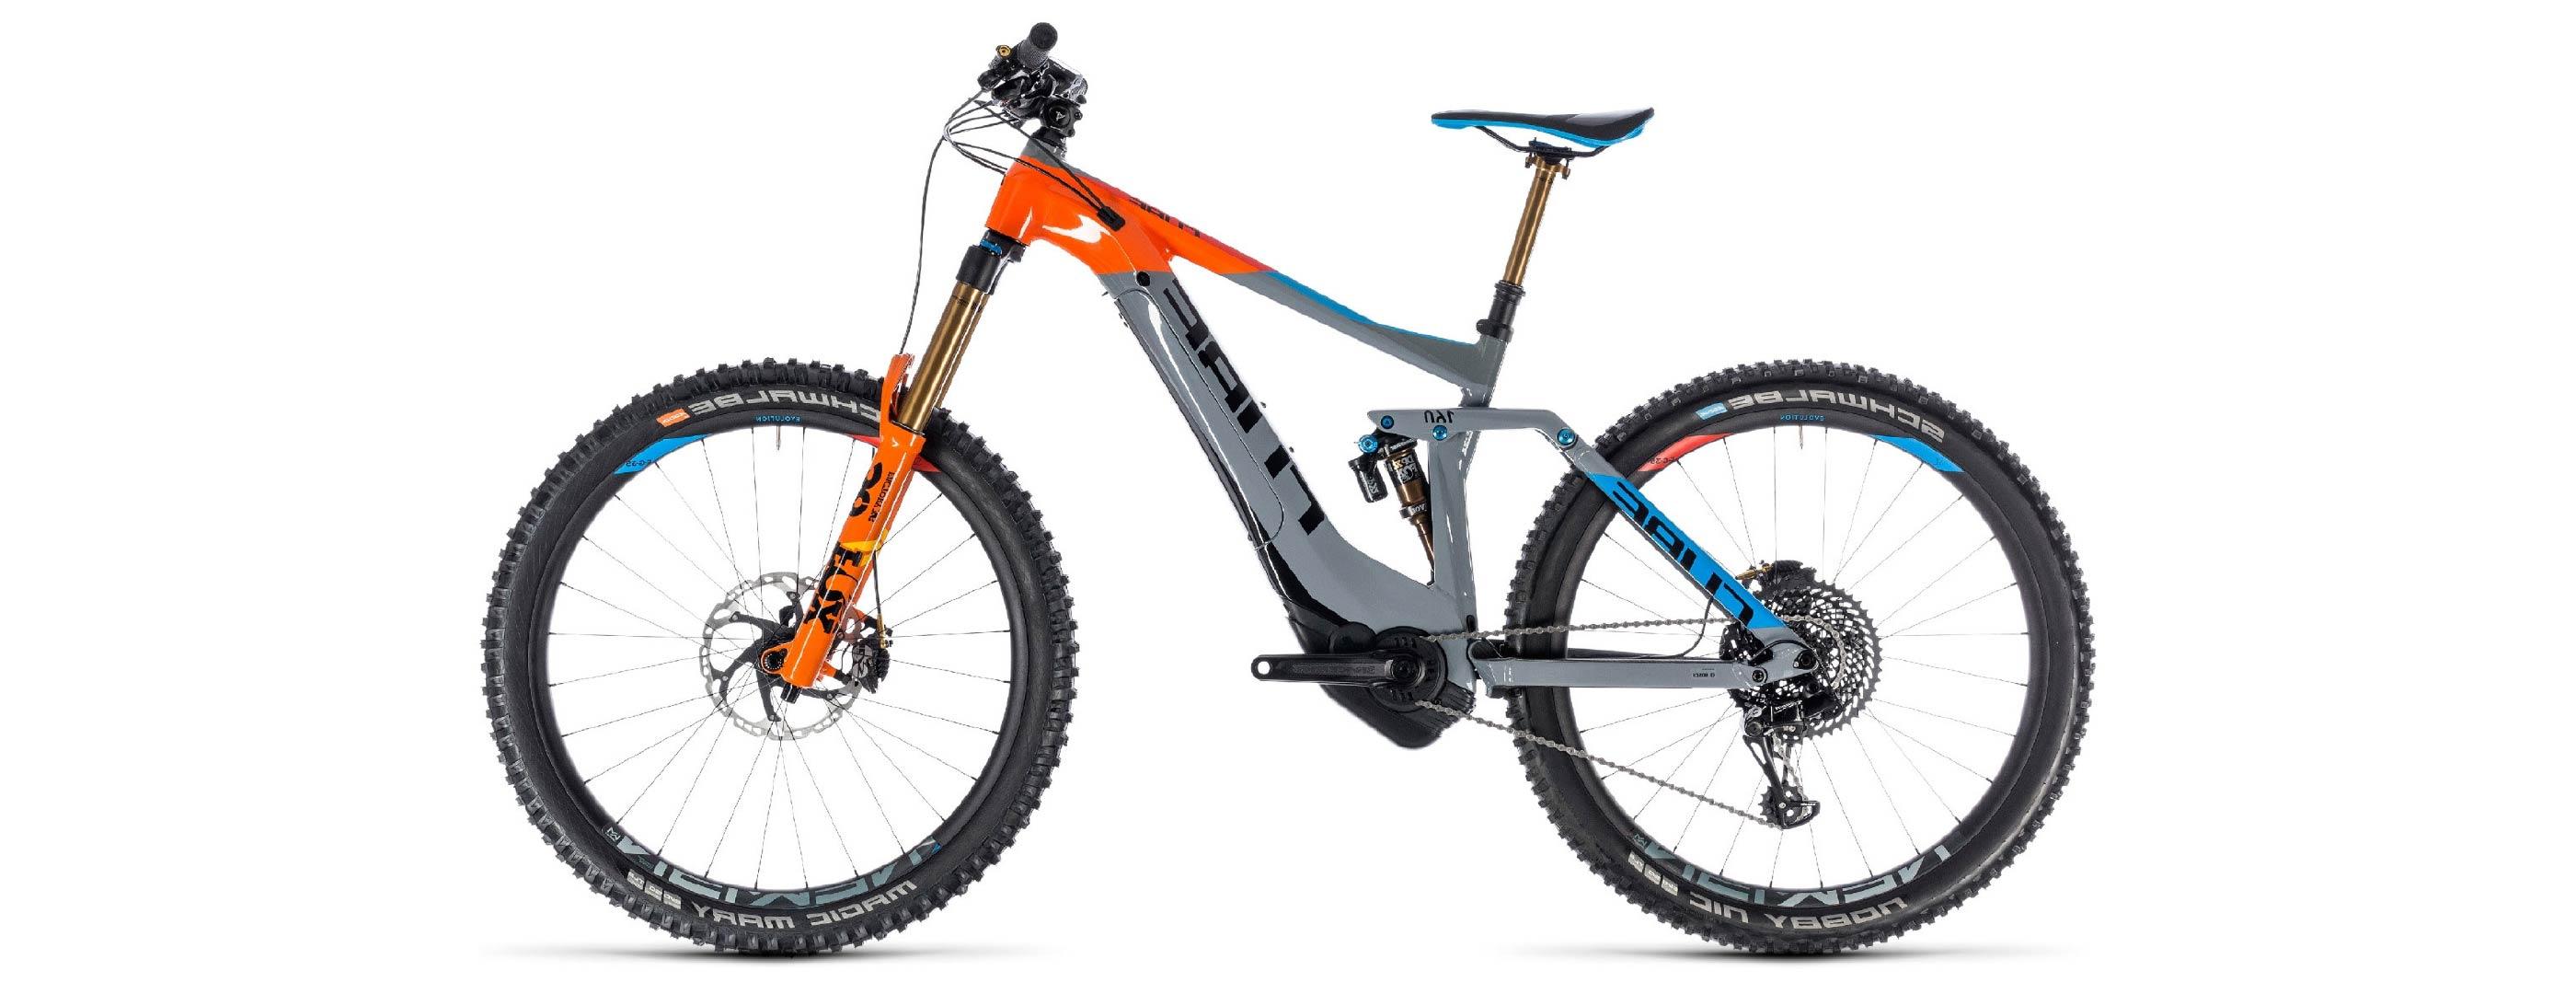 Welches Bike Passt Zu Mir